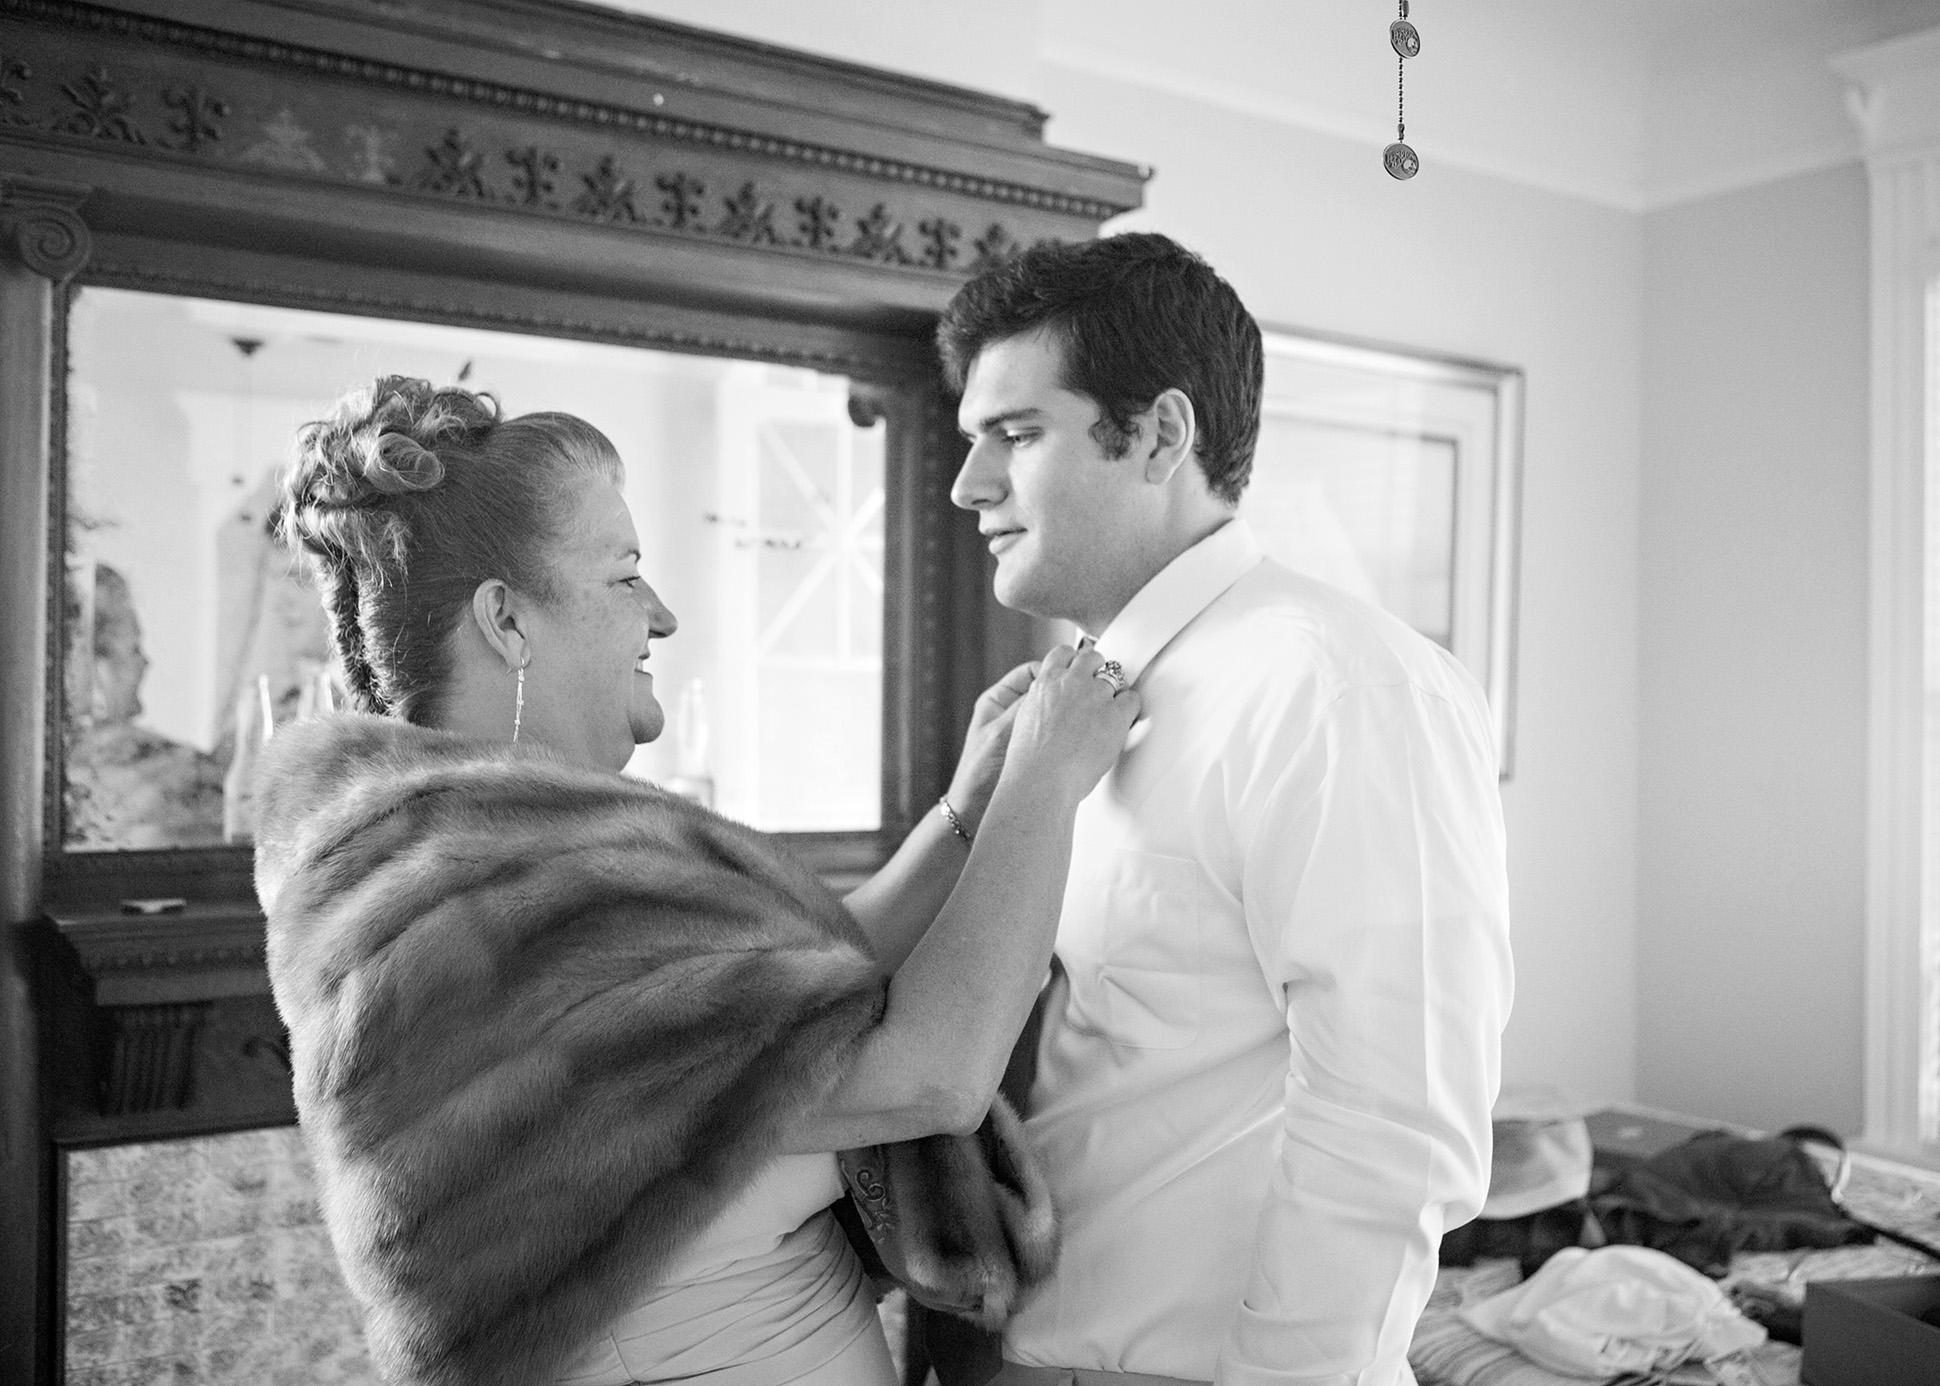 12-Sara Stadtmiller-SRS-Photography-Asbury-Park-Wedding-Photographer-Monmouth-County-Wedding-Photographer-NJ-Wedding-Photographer-Avon-by-the-Sea-Wedding-The-Columns-Wedding